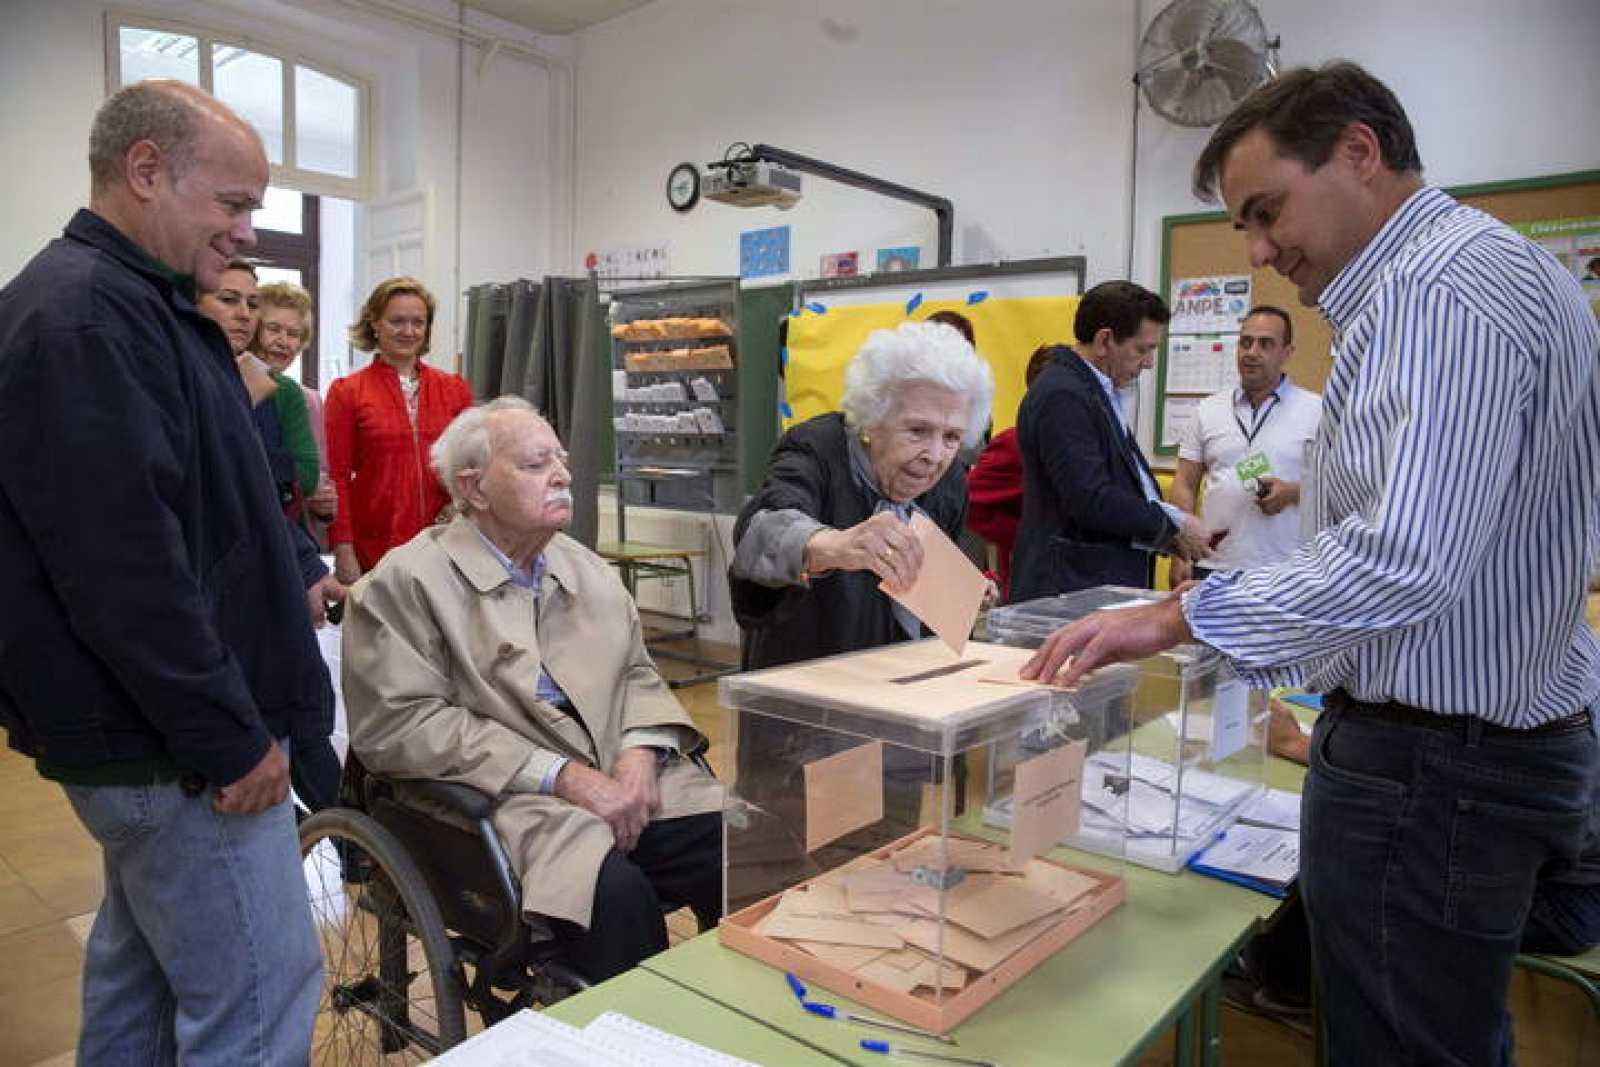 Una mujer ejerce su derecho al voto en el colegio electoral Cierva Peñafiel de Murcia